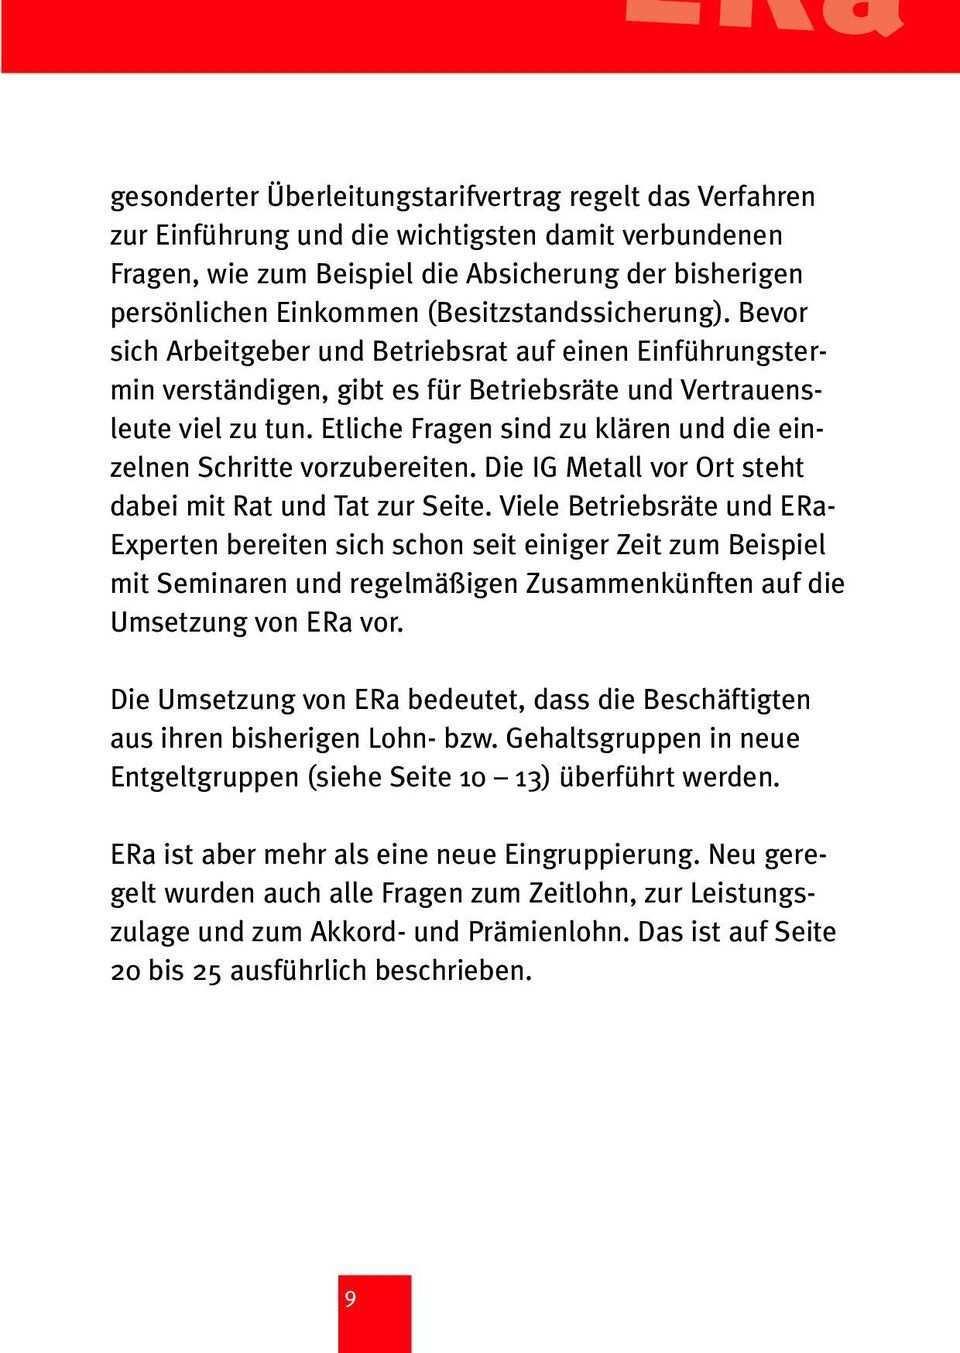 Der Era Kommt Hinweise Zum Entgelt Rahmentarifvertrag Fur Beschaftigte In Der Niedersachsischen Metallindustrie Pdf Free Download